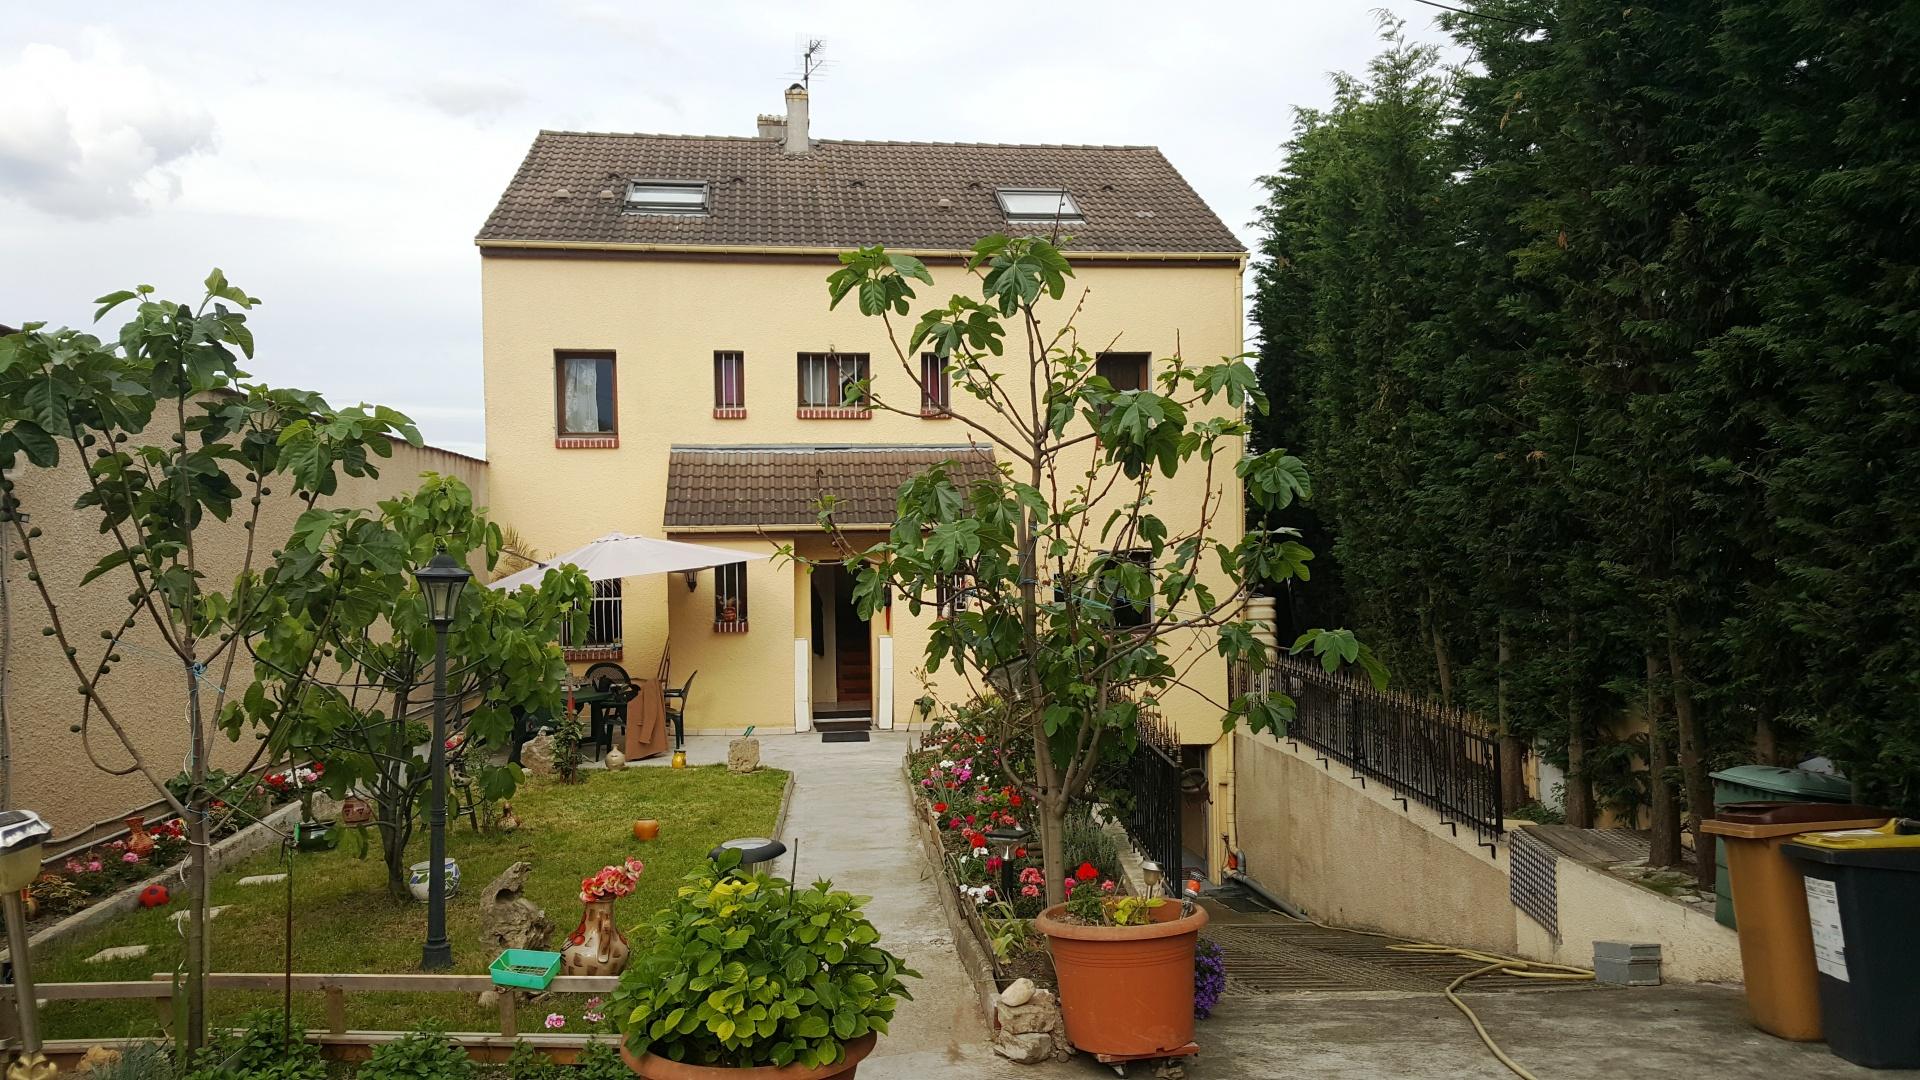 Superbe Maison 7 pièces de 150m2, à Montreuil, lumineuse et calme.